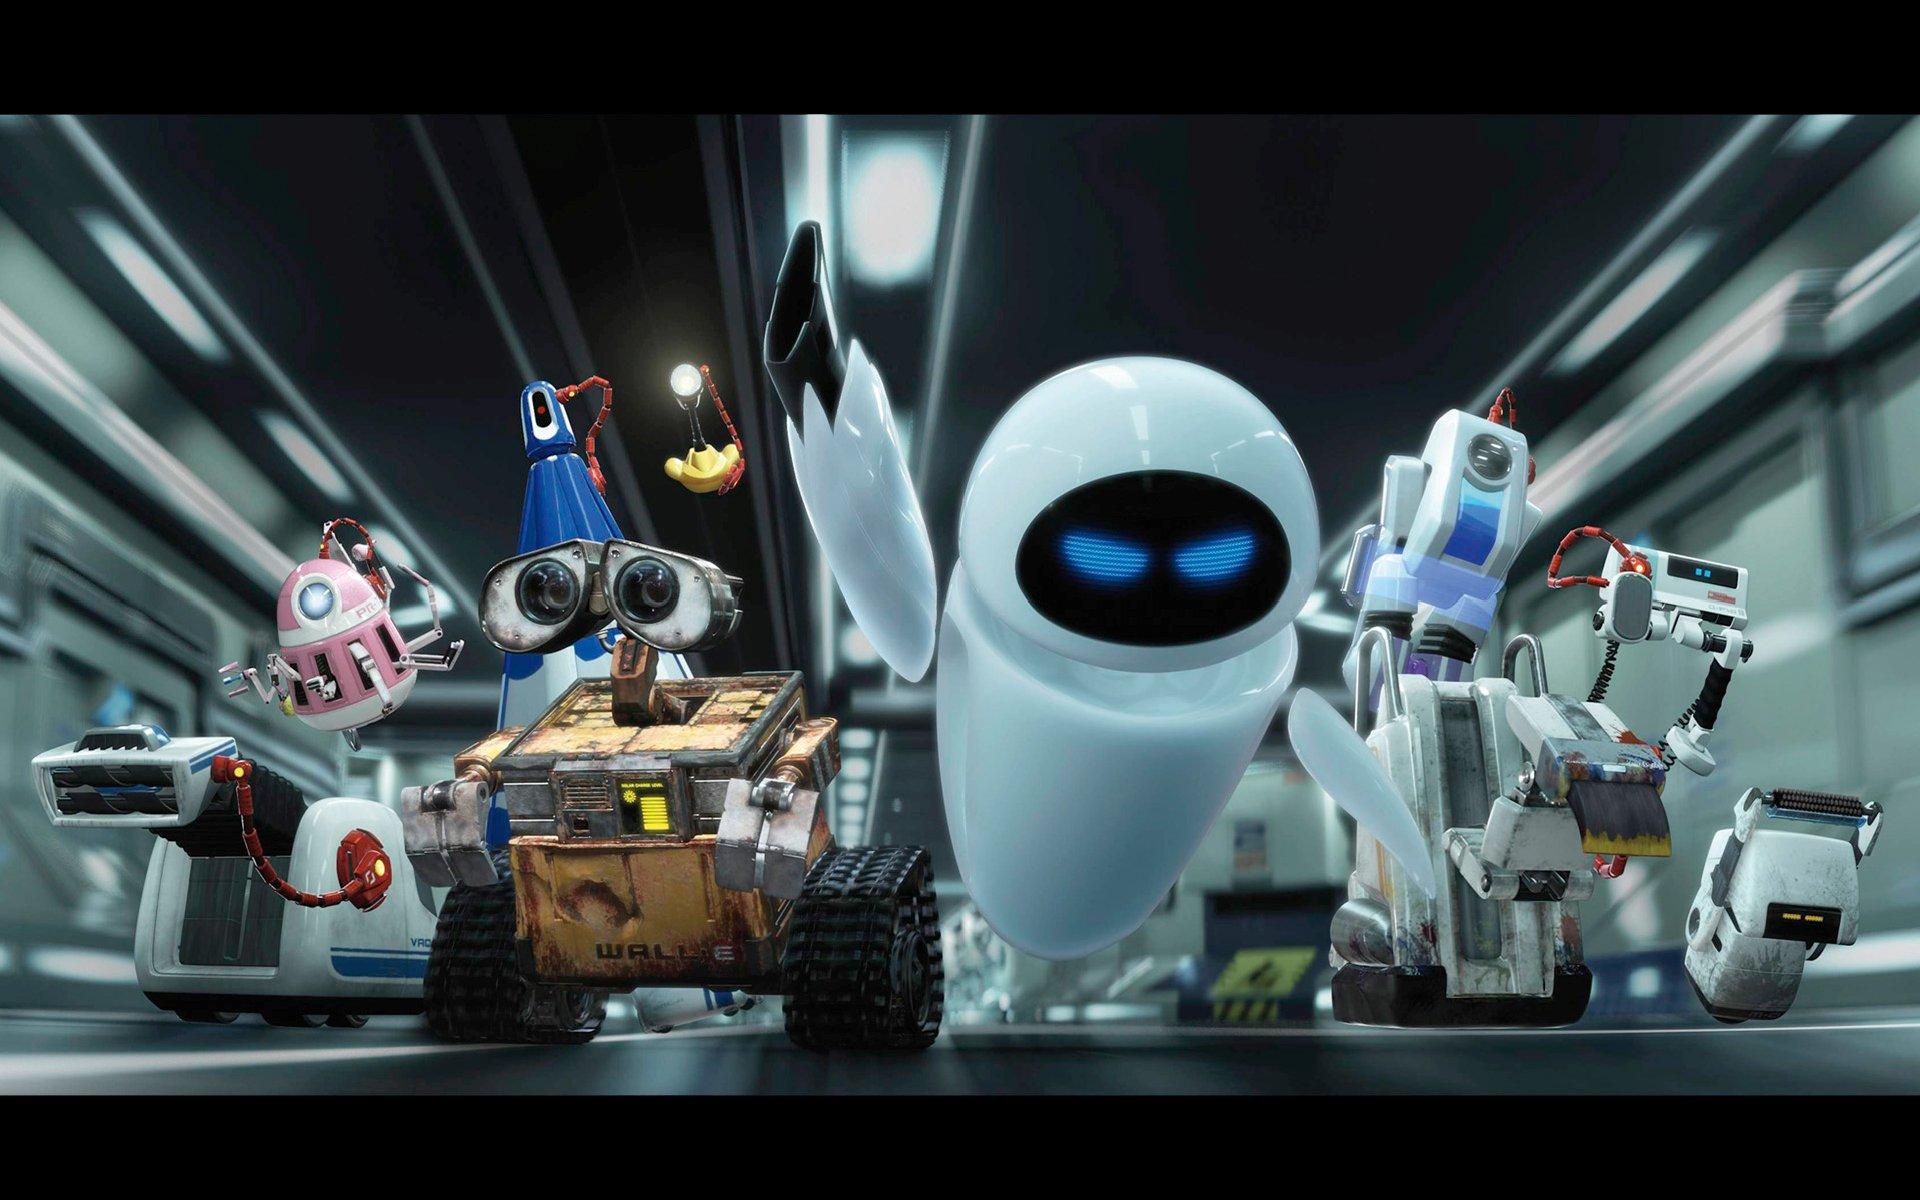 英国发布新指引 规定机器人行为需要由人类负责